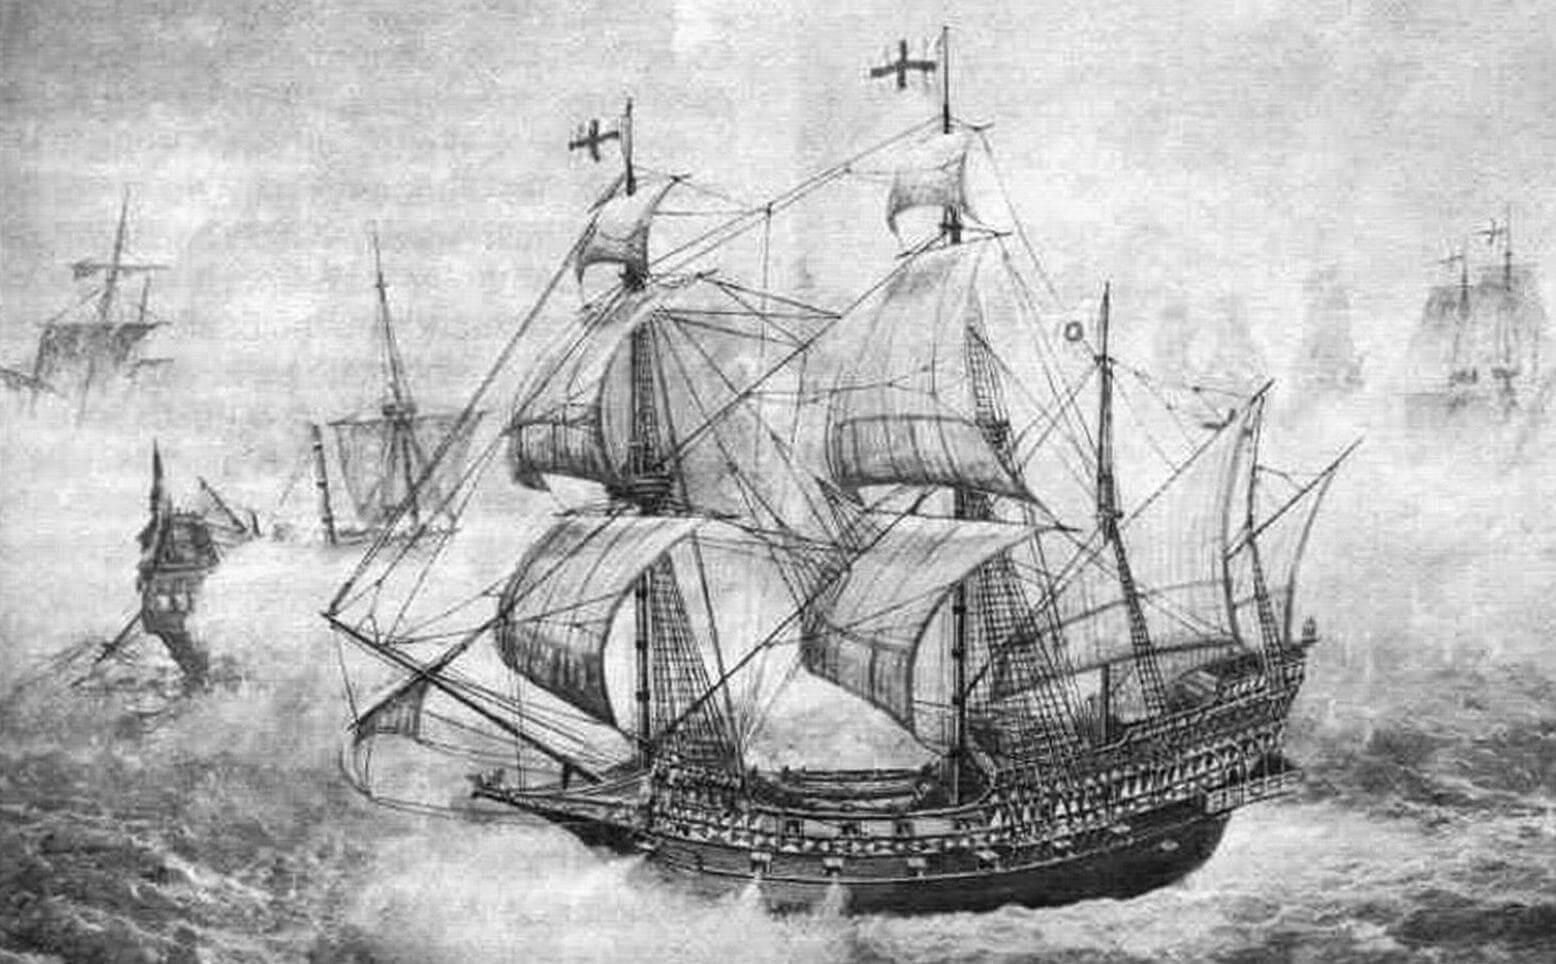 «Ривендж» вступает бой с многочисленной испанской эскадрой (г алеон в очередной раз изображен с брамселями). Английский корабль еще не получил повреждений, в то время как его врагам уже изрядно досталось